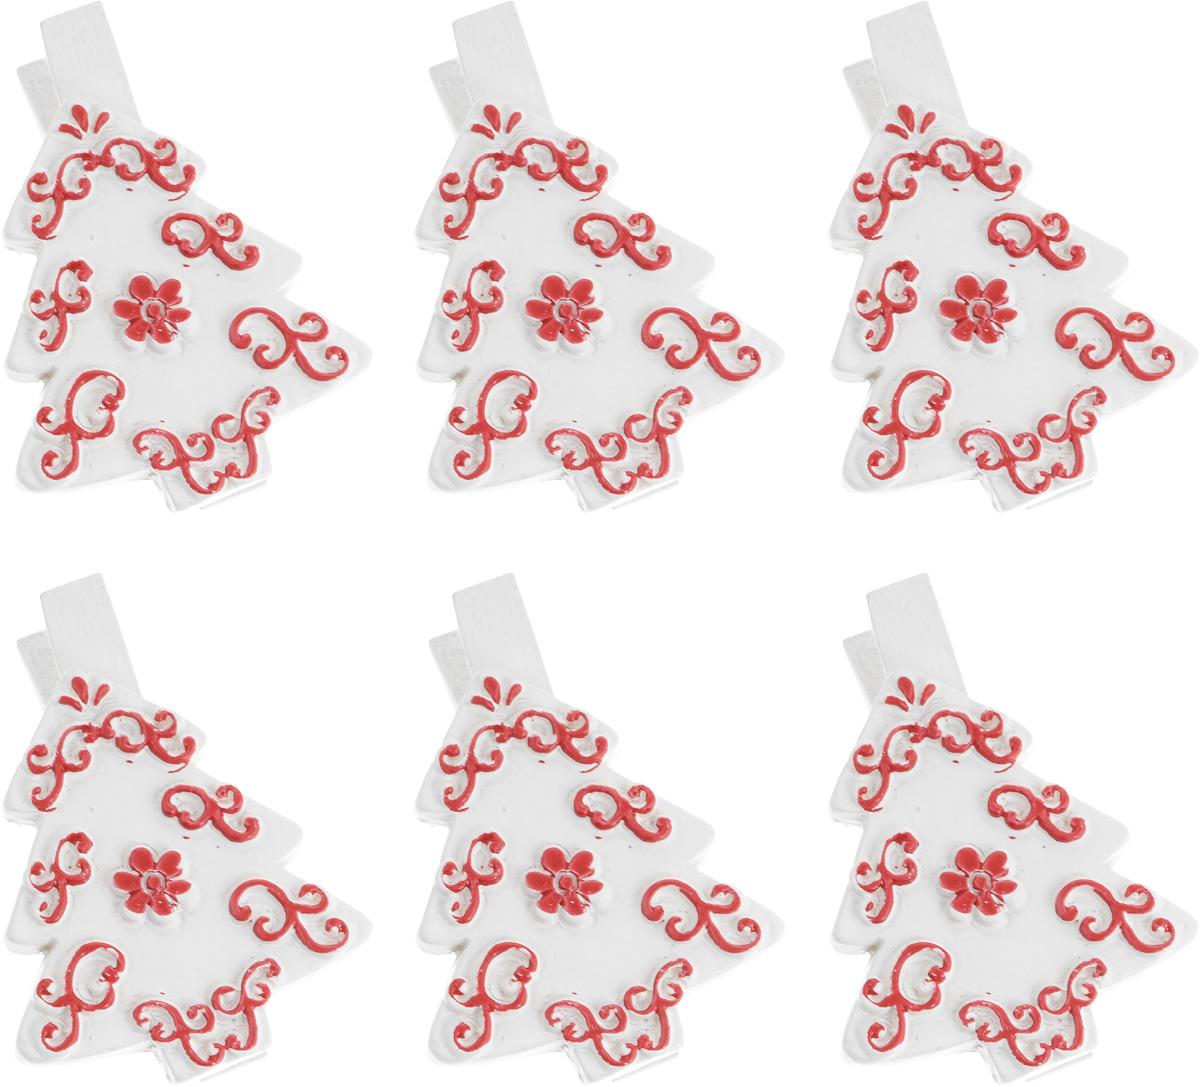 Набор новогодних декоративных украшений Lunten Ranta Елка, на прищепке, цвет: белый, 6 шт67649_белыйНабор Lunten Ranta Елка состоит из 6 декоративных украшений - прищепок, изготовленных из полирезины и дерева. Изделия станут прекрасным дополнением к оформлению вашего новогоднего интерьера. Они используются для развешивания стикеров на веревке, маленьких игрушек и многого другого. Оригинальность и веселые цвета прищепок будут радовать глаз и поднимут настроение. Длина прищепки: 5 см. Размер декоративного элемента прищепки: 3,5 х 4 см.